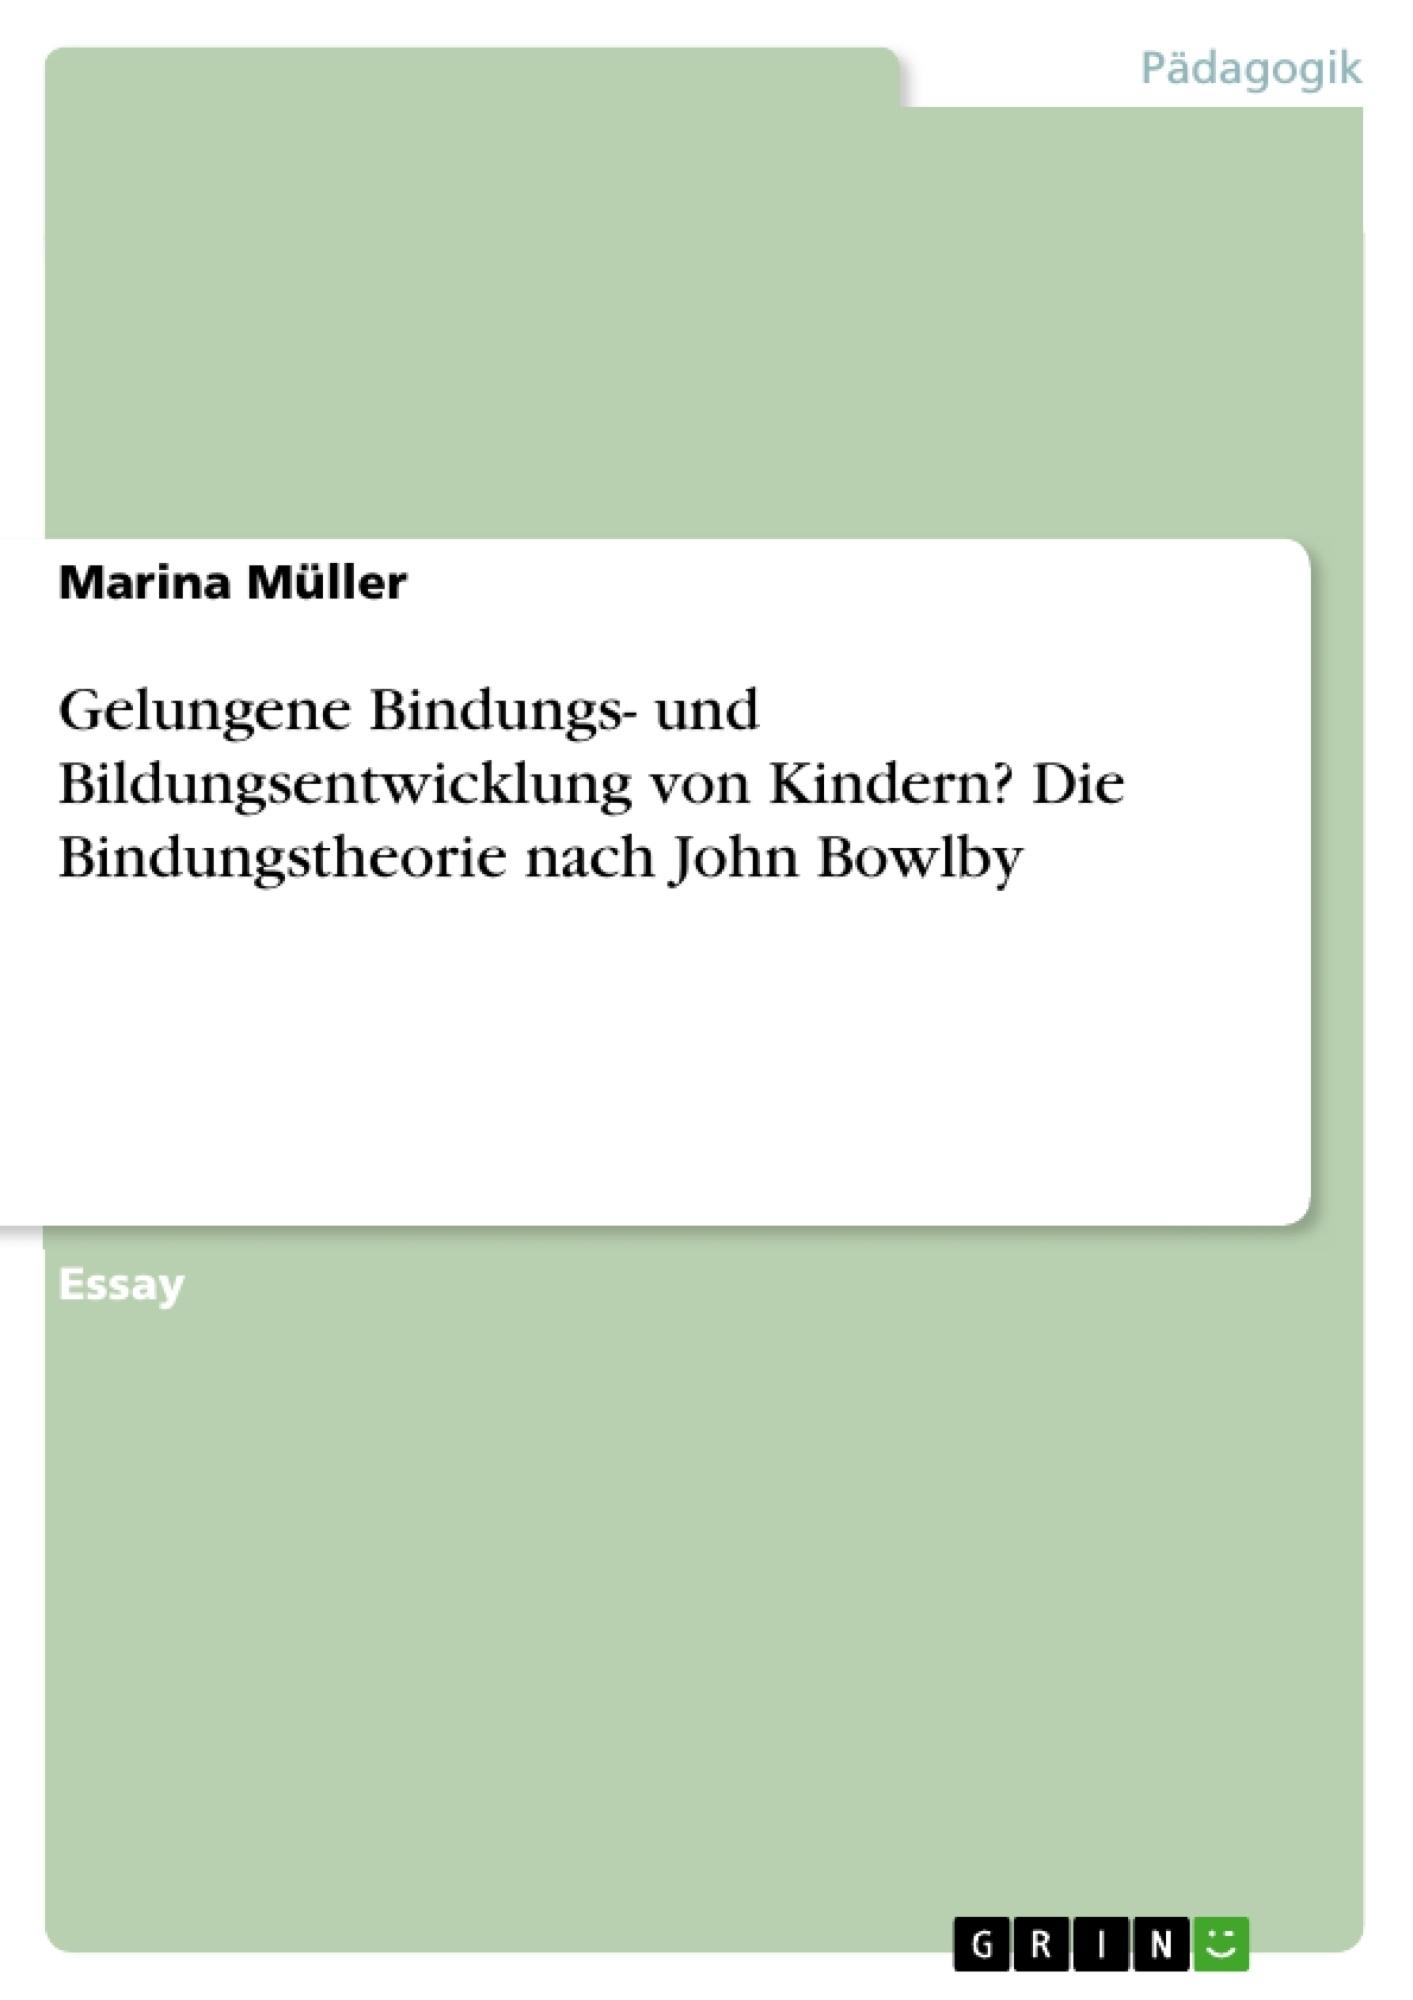 Titel: Gelungene Bindungs- und Bildungsentwicklung von Kindern? Die Bindungstheorie nach John Bowlby